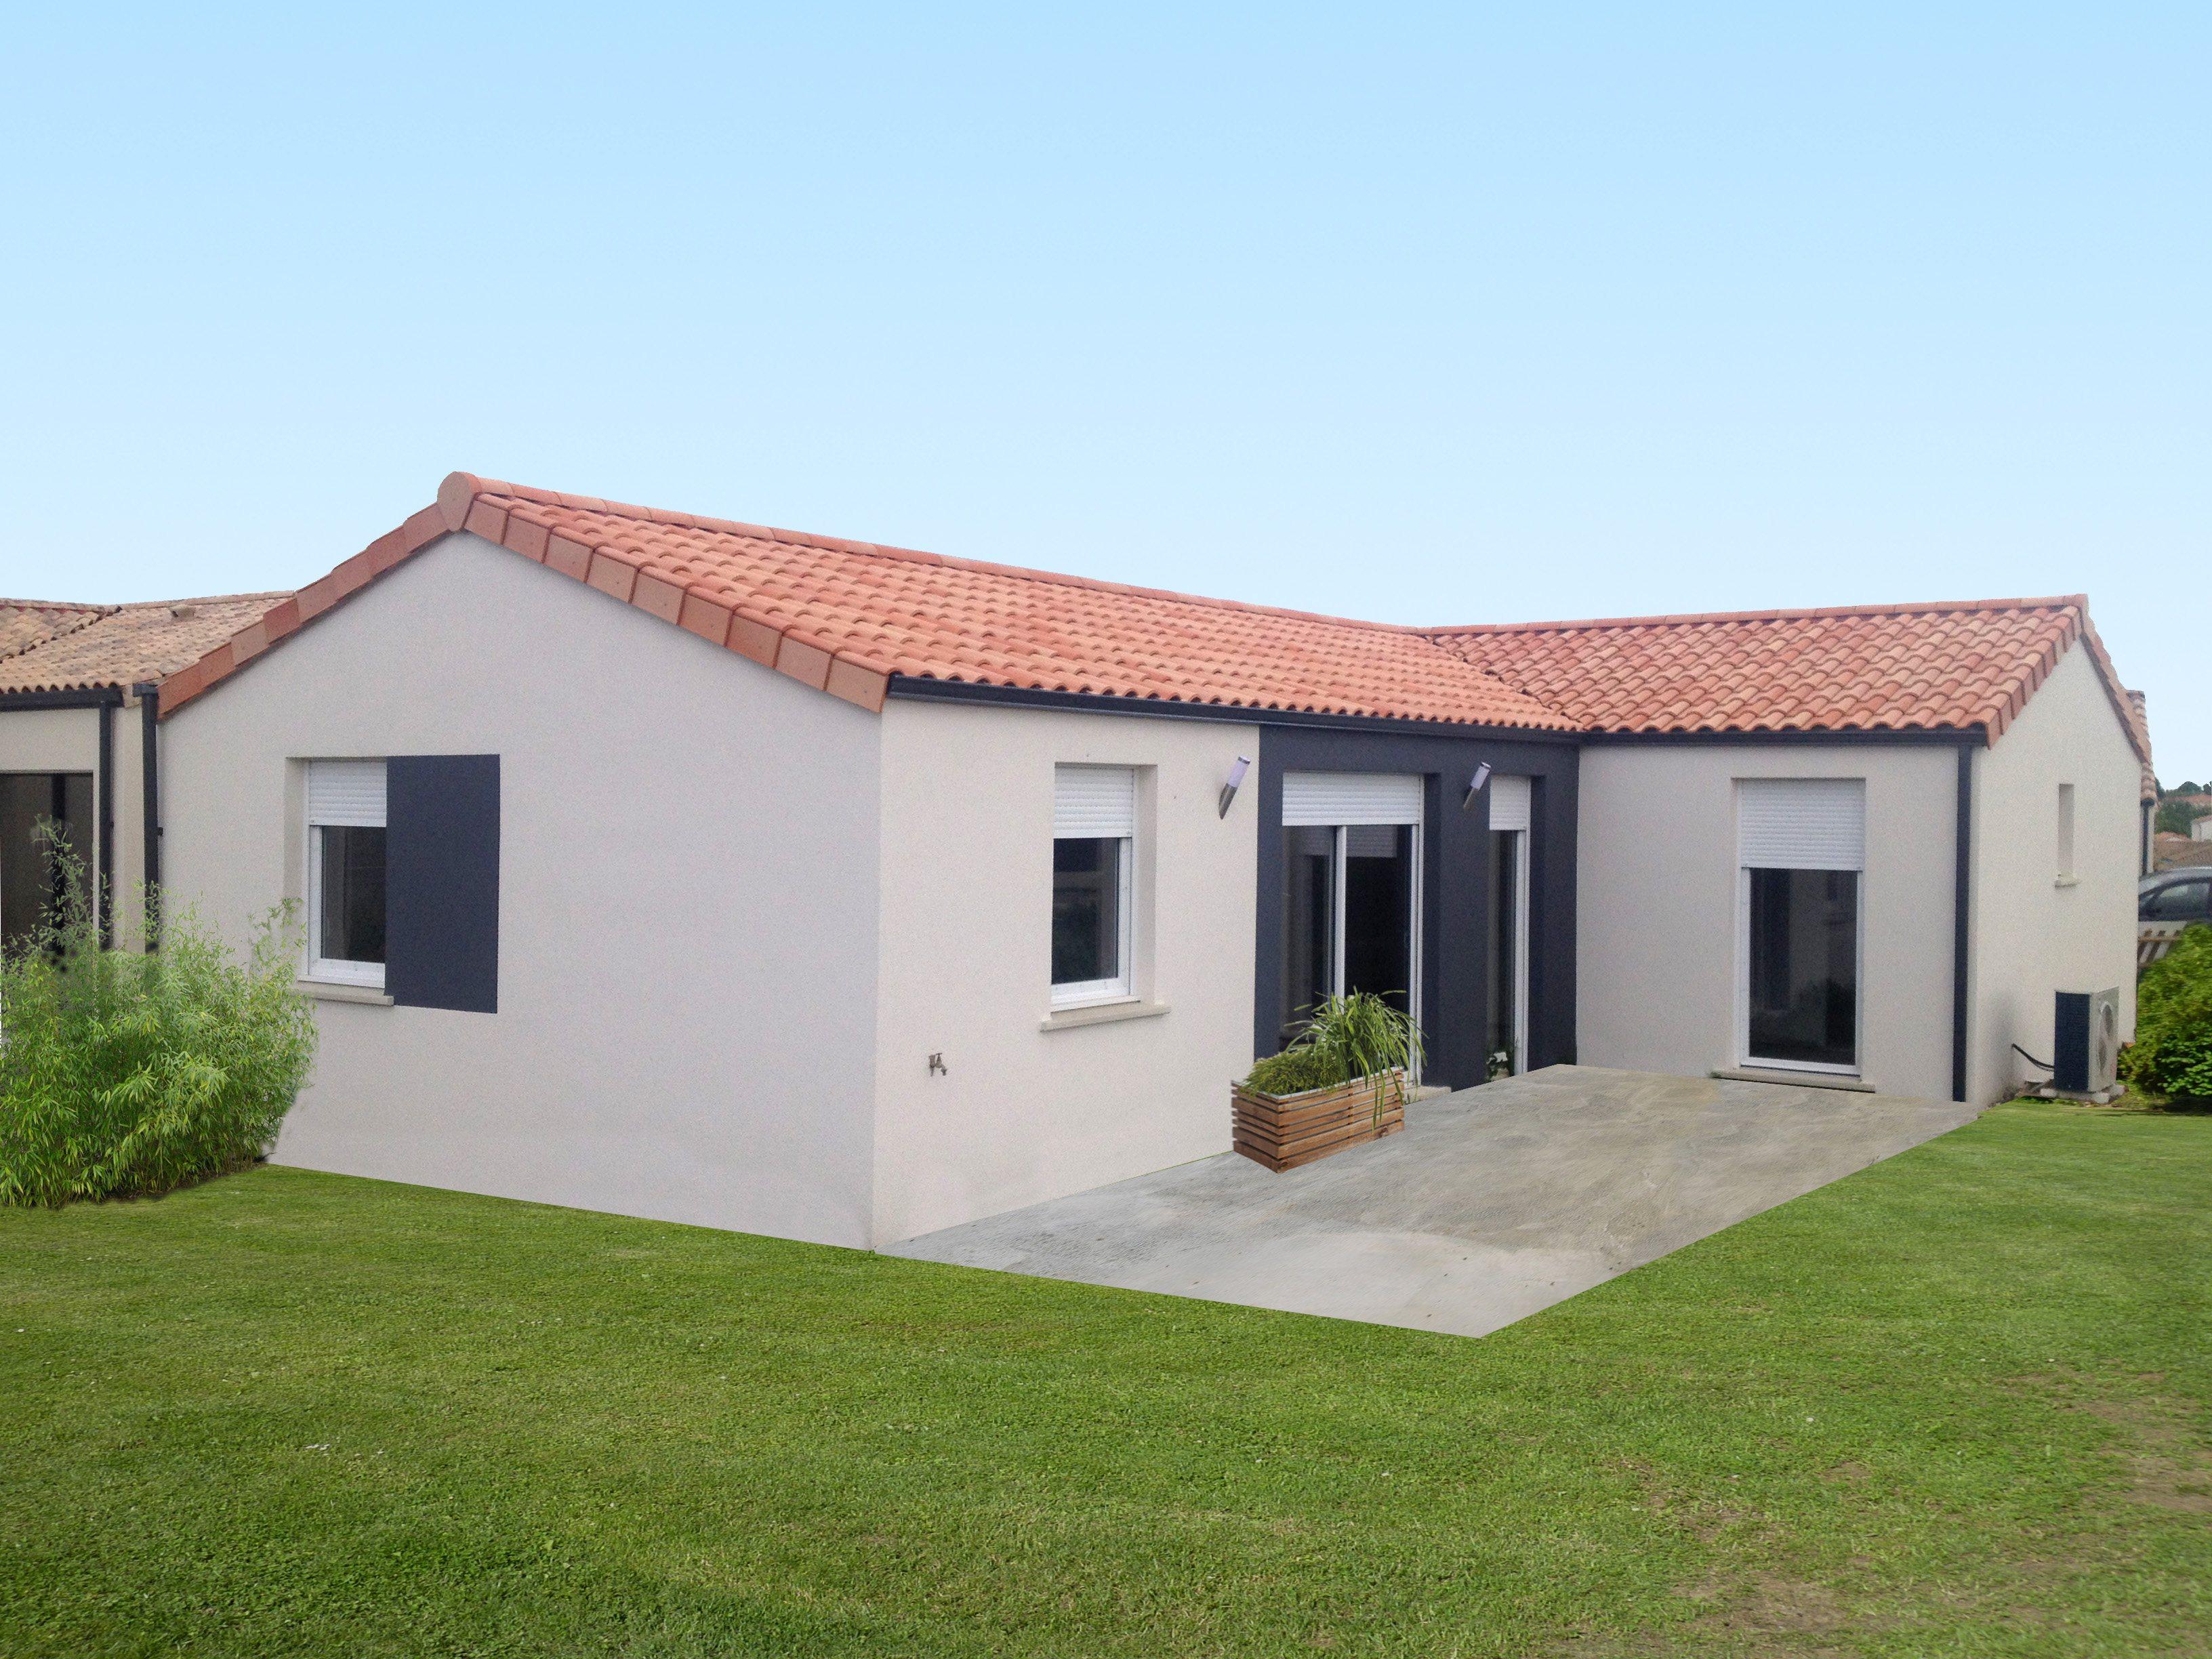 Maisons + Terrains du constructeur MAISON FAMILIALE LA ROCHE-SUR-YON • 107 m² • SAINT VINCENT SUR JARD